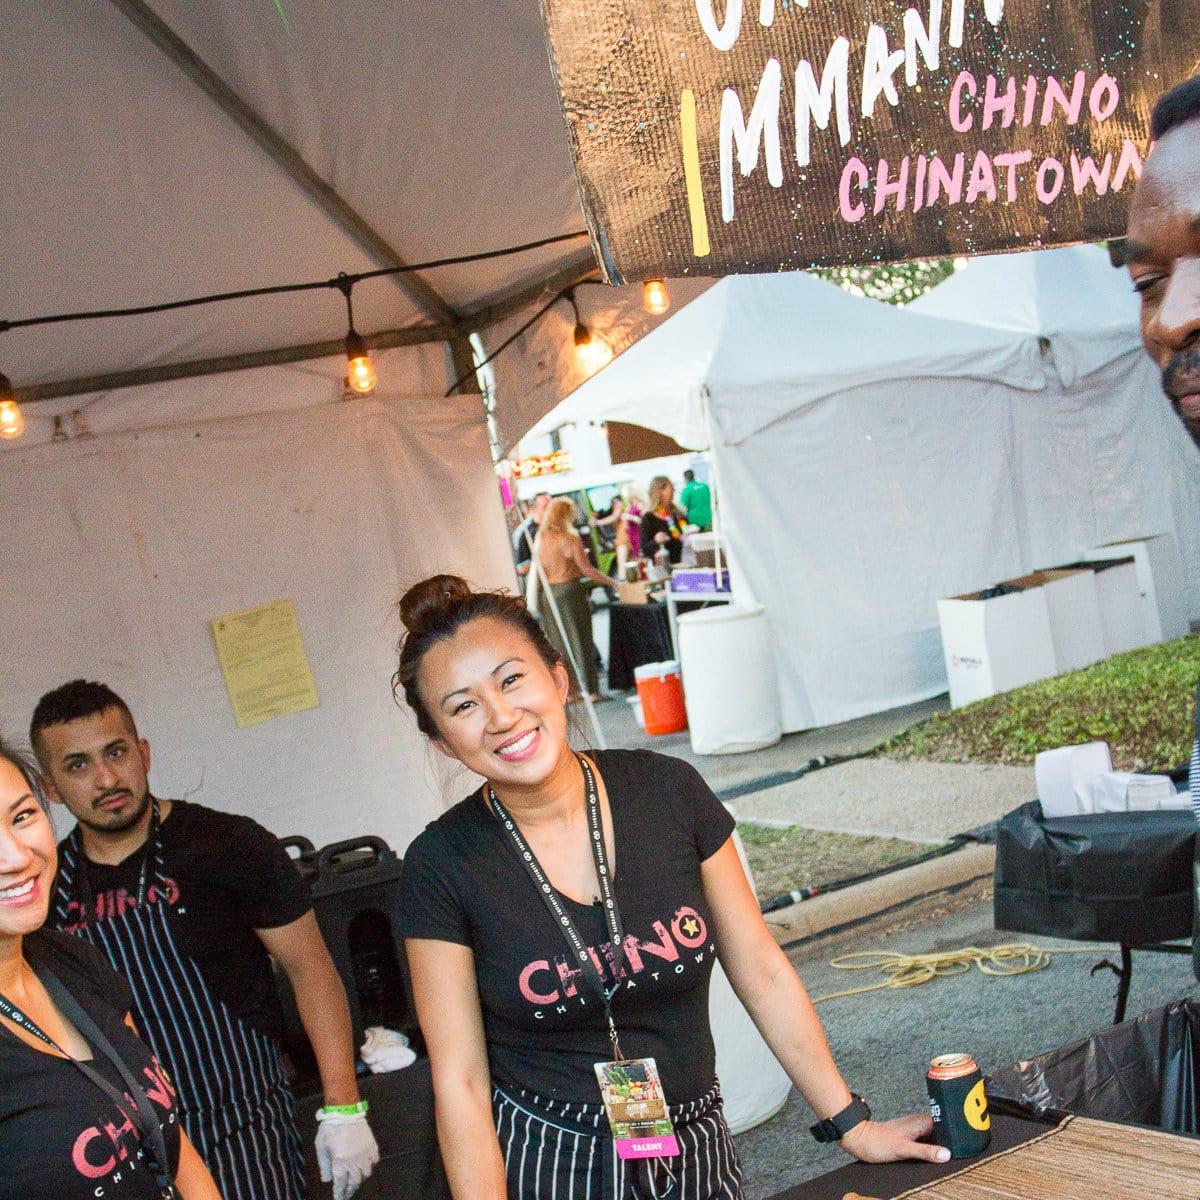 Dallas chef Uno Immanivong